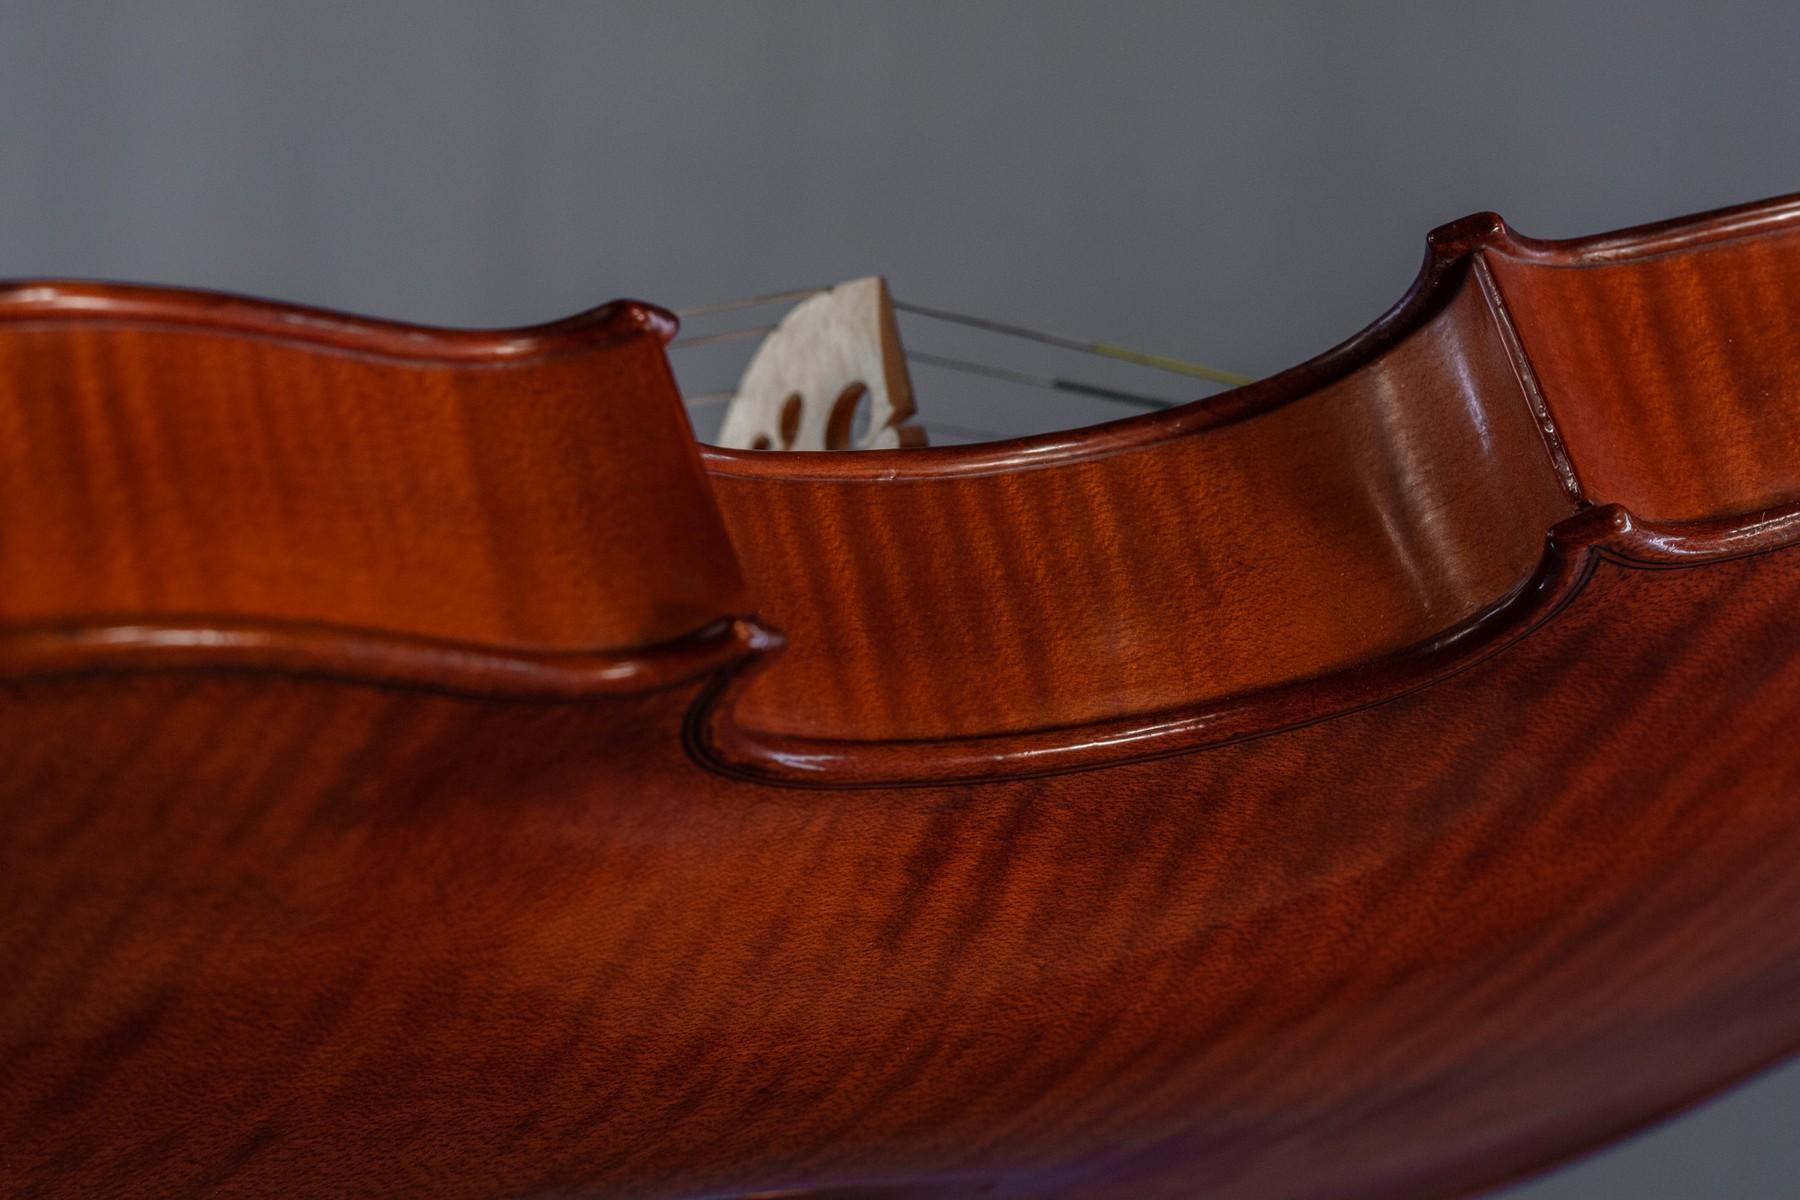 devylders 1951 violon (10)